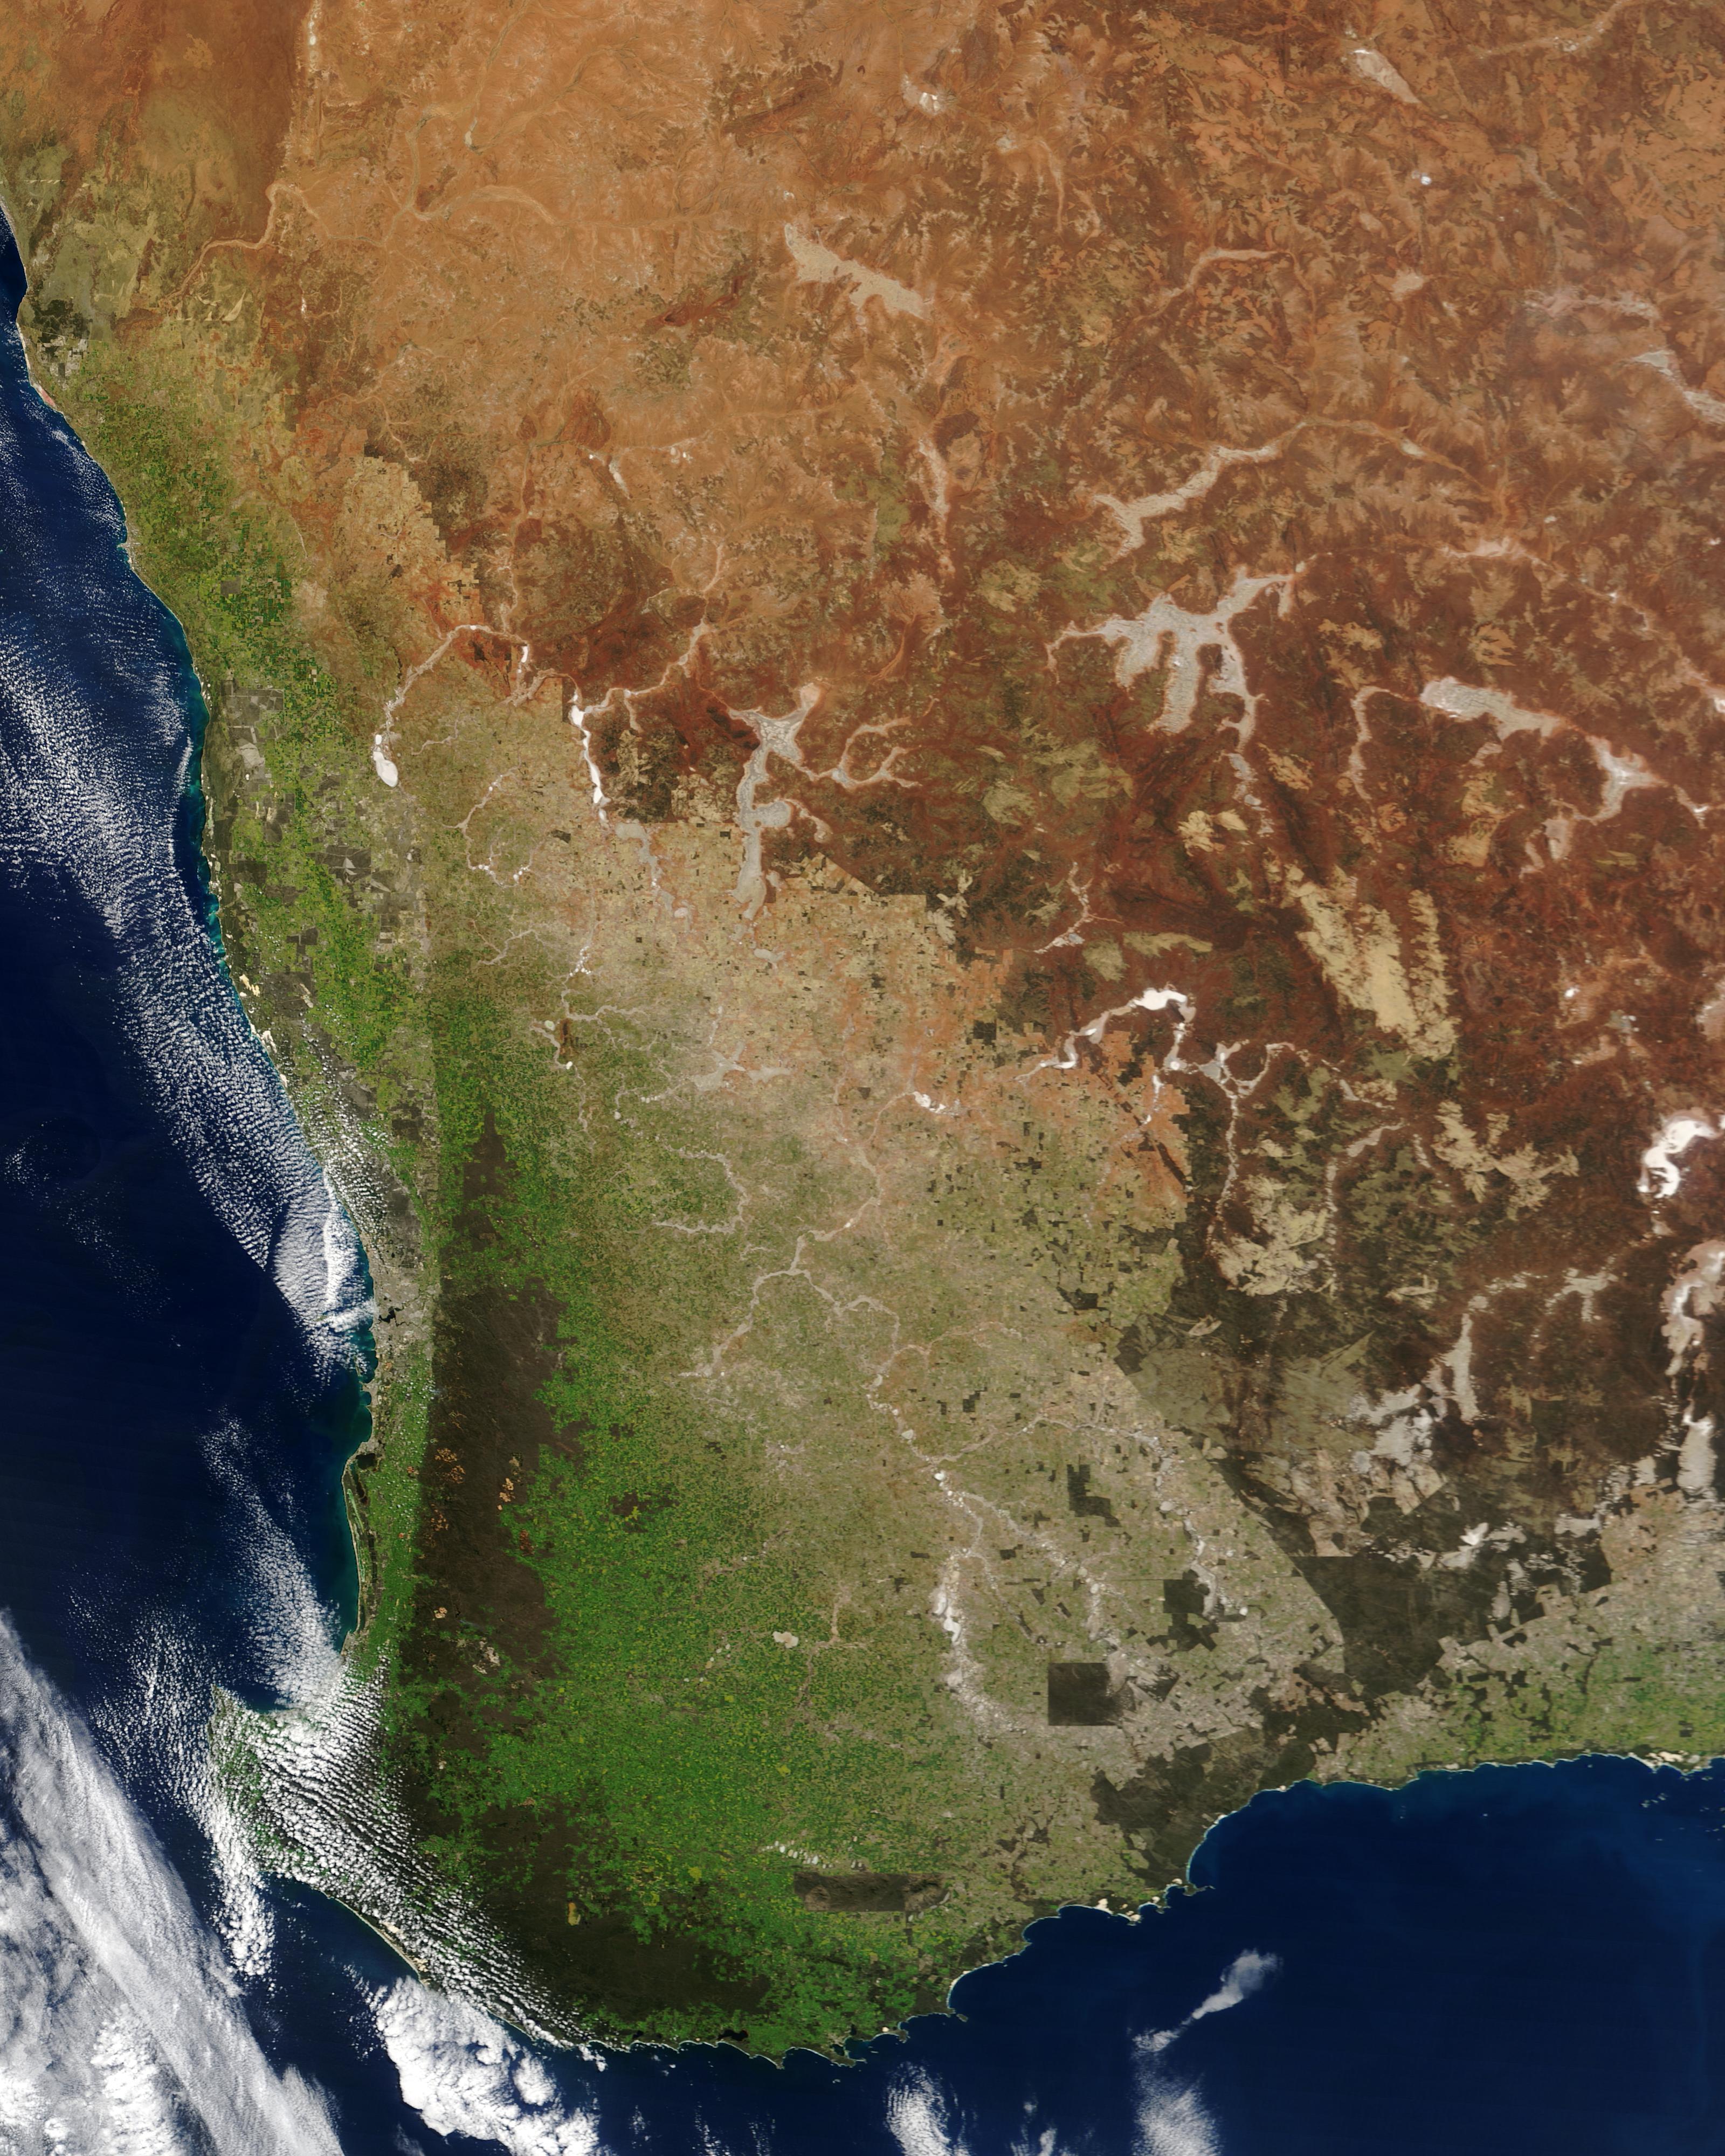 Condiciones de sequía en Australia suroccidental